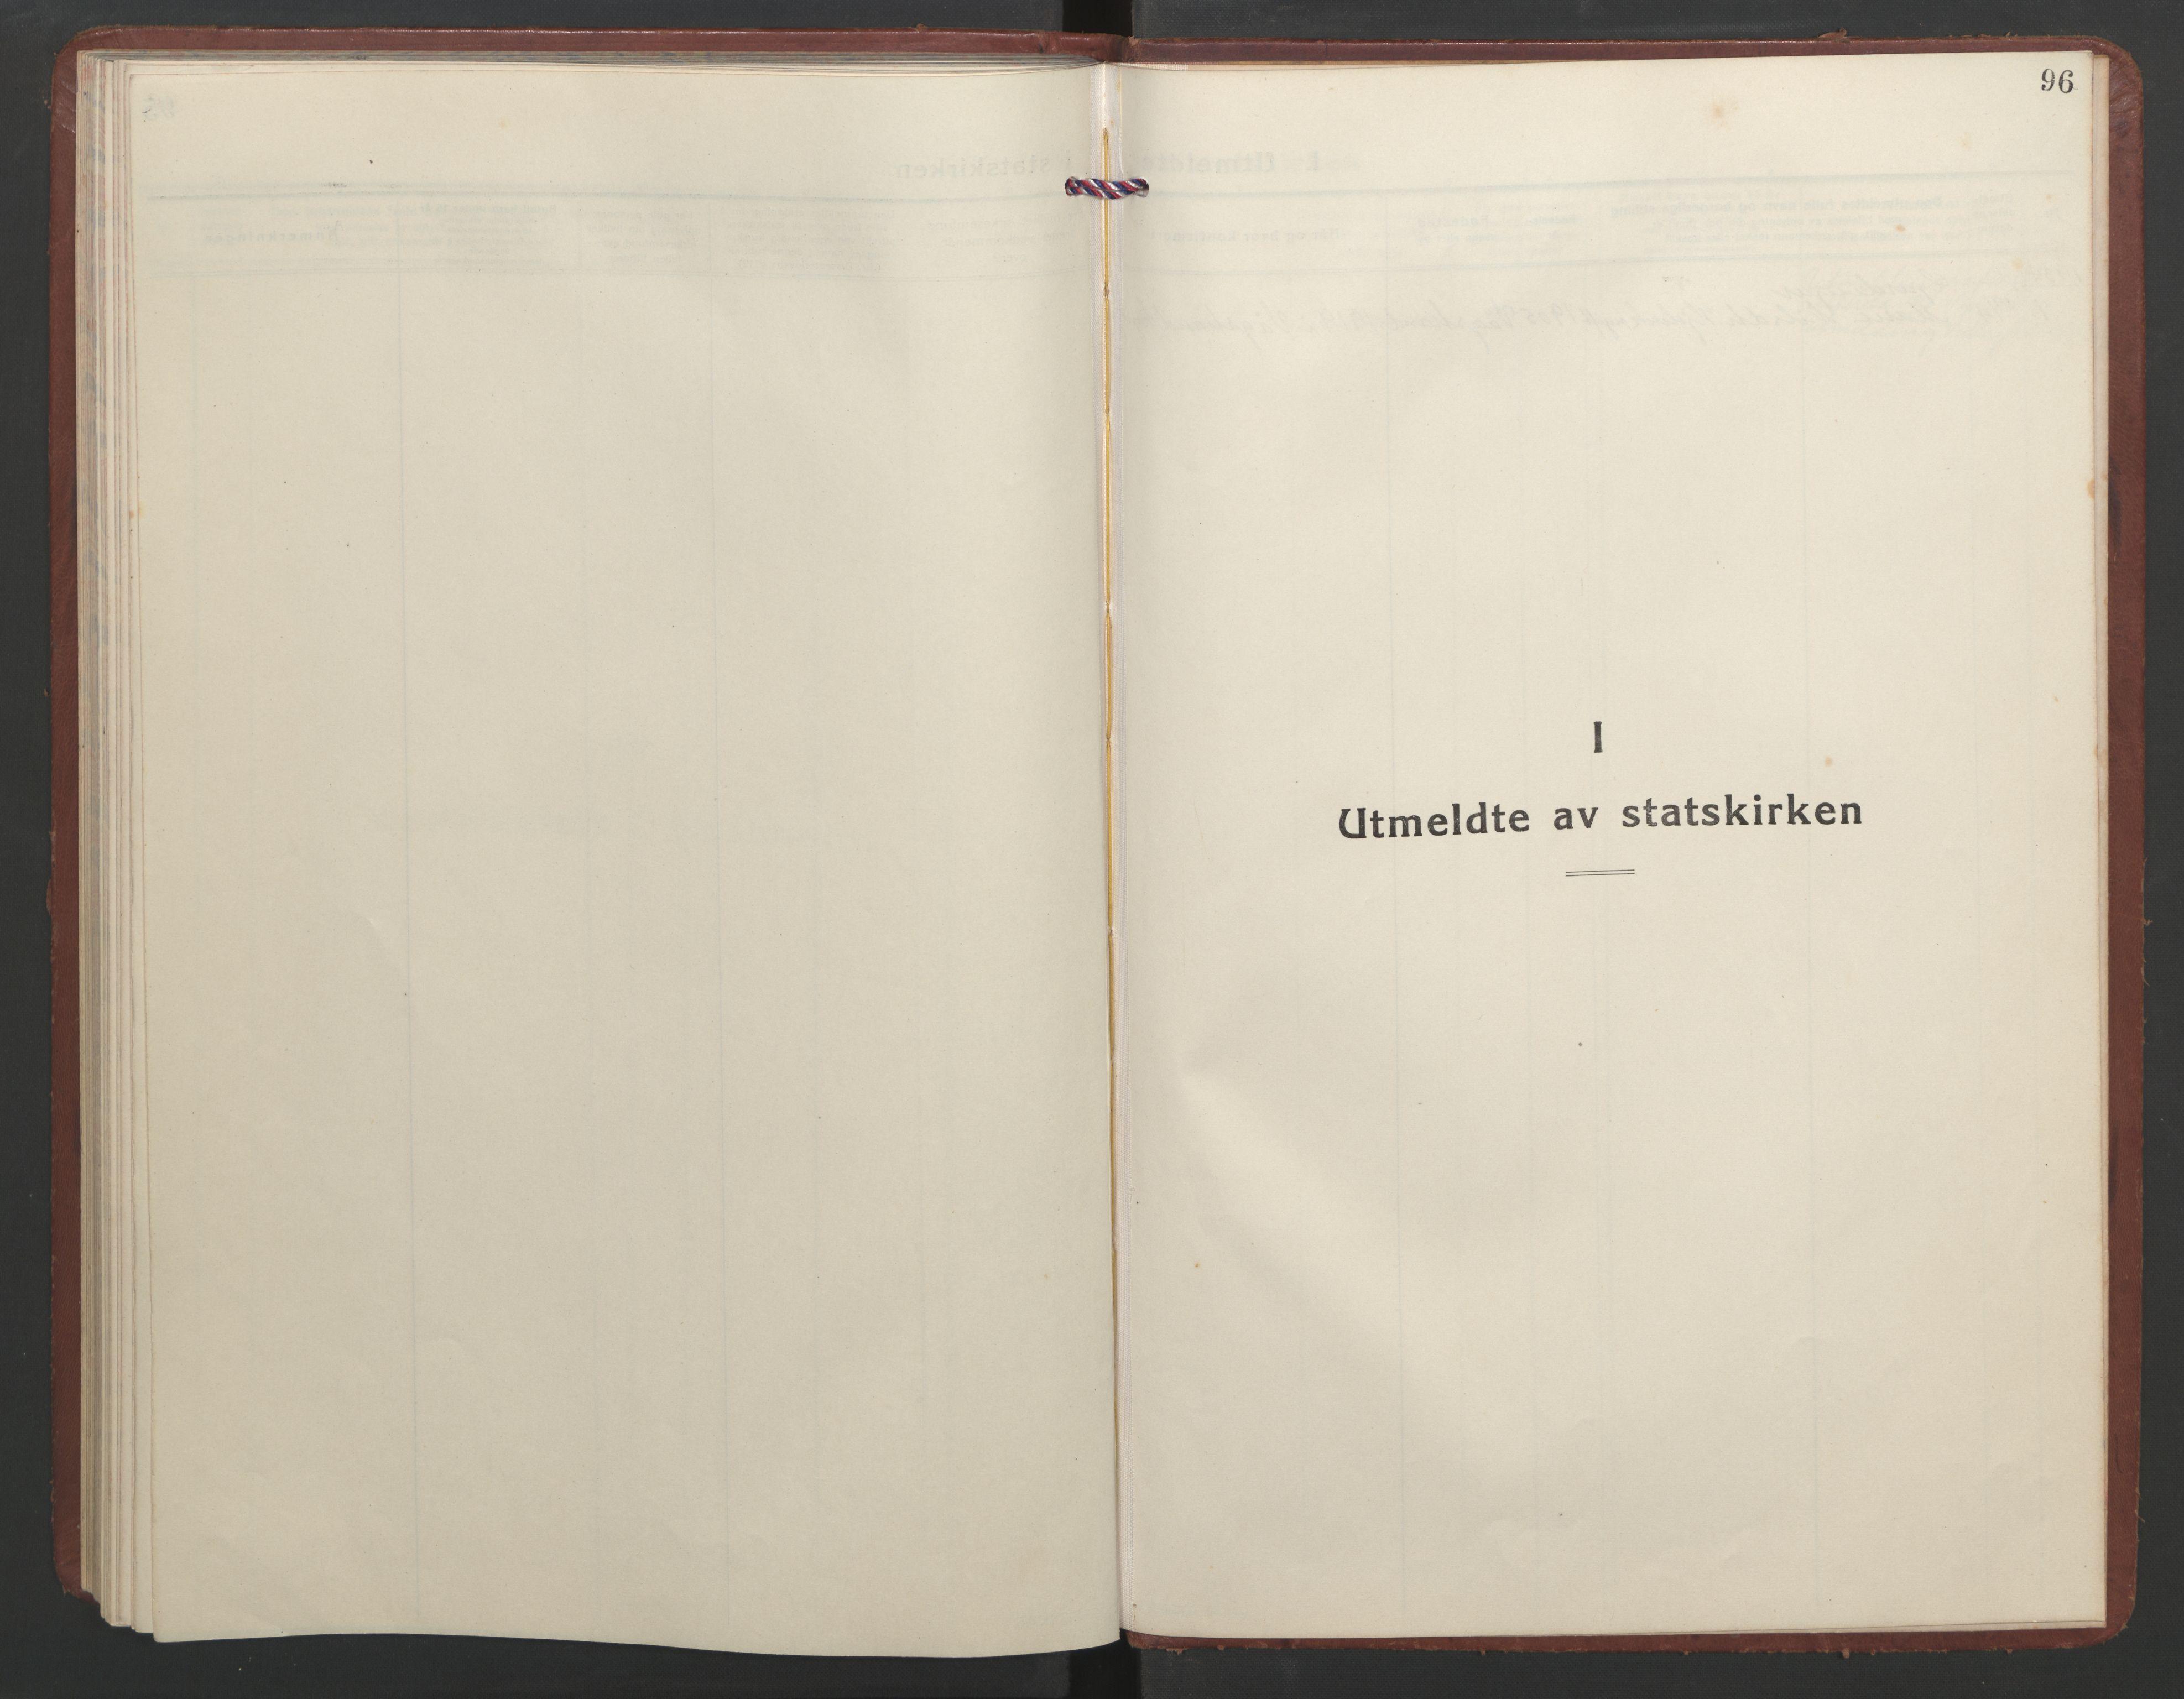 SAT, Ministerialprotokoller, klokkerbøker og fødselsregistre - Møre og Romsdal, 550/L0619: Klokkerbok nr. 550C02, 1928-1967, s. 96